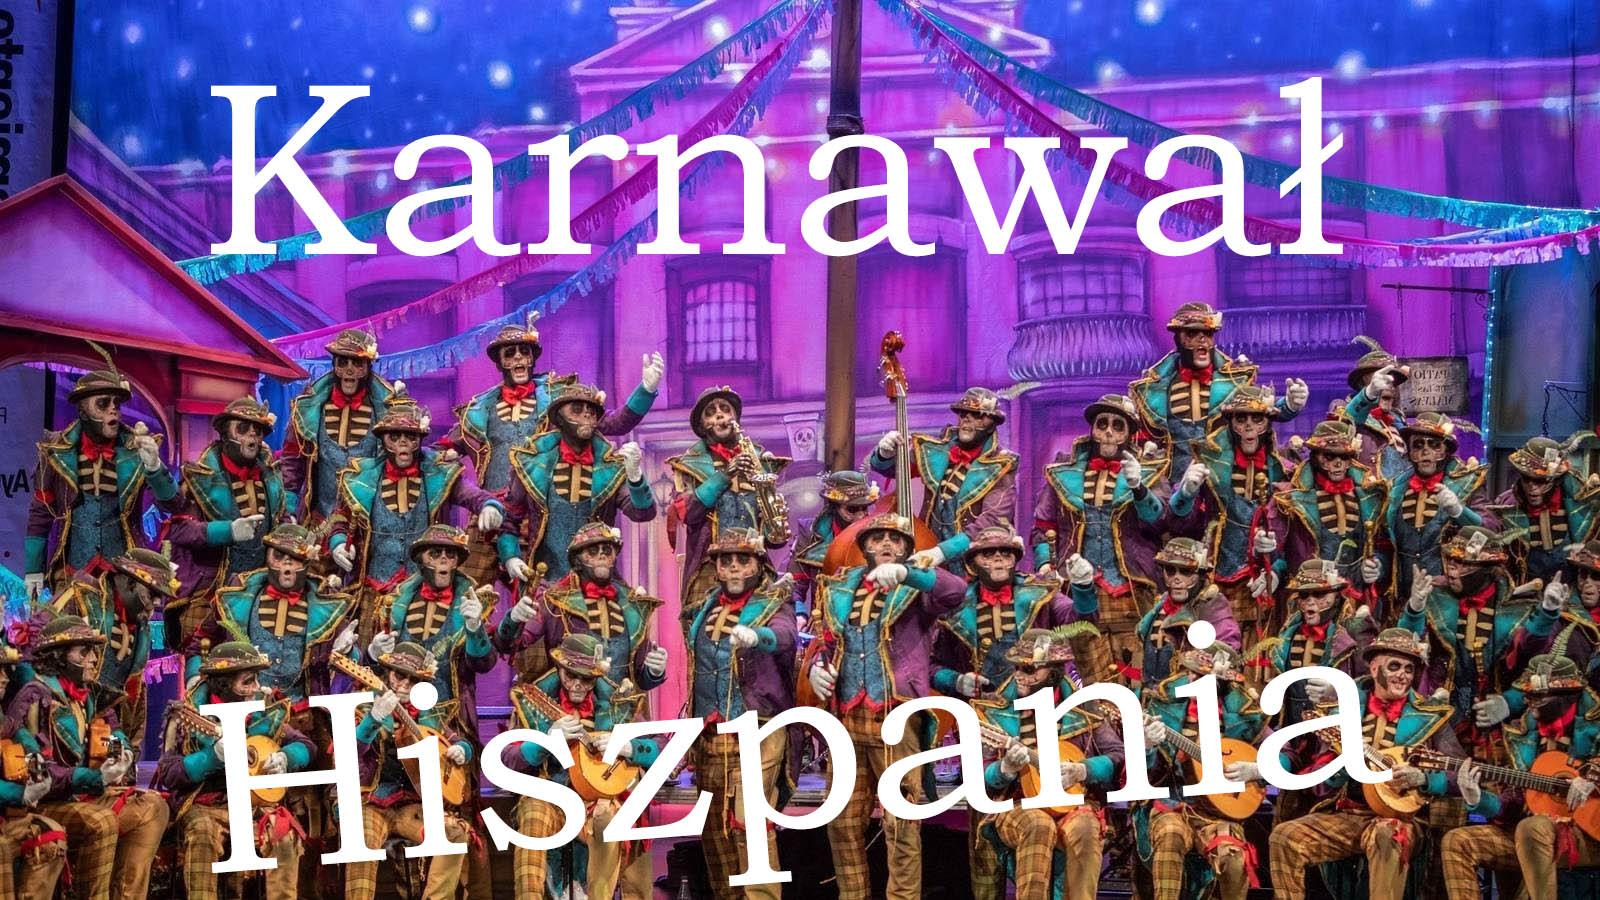 Karnawal-hiszpania